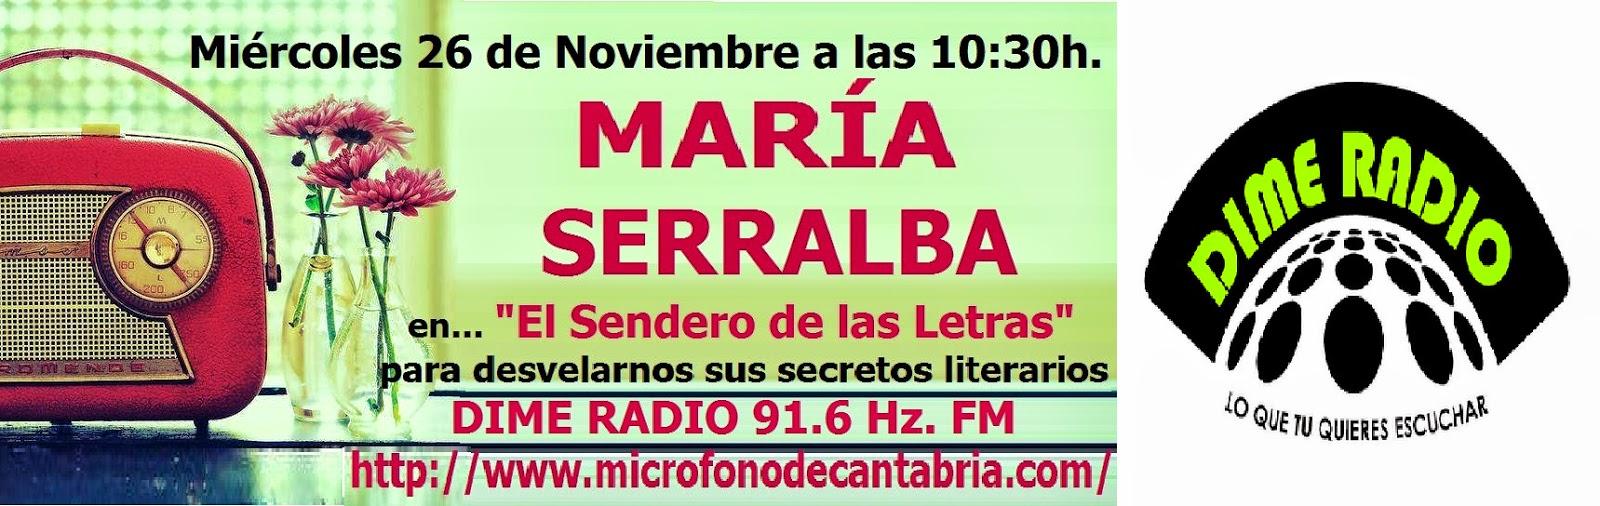 El Blog de María Serralba - Dime Radio entrevista a María Serralba